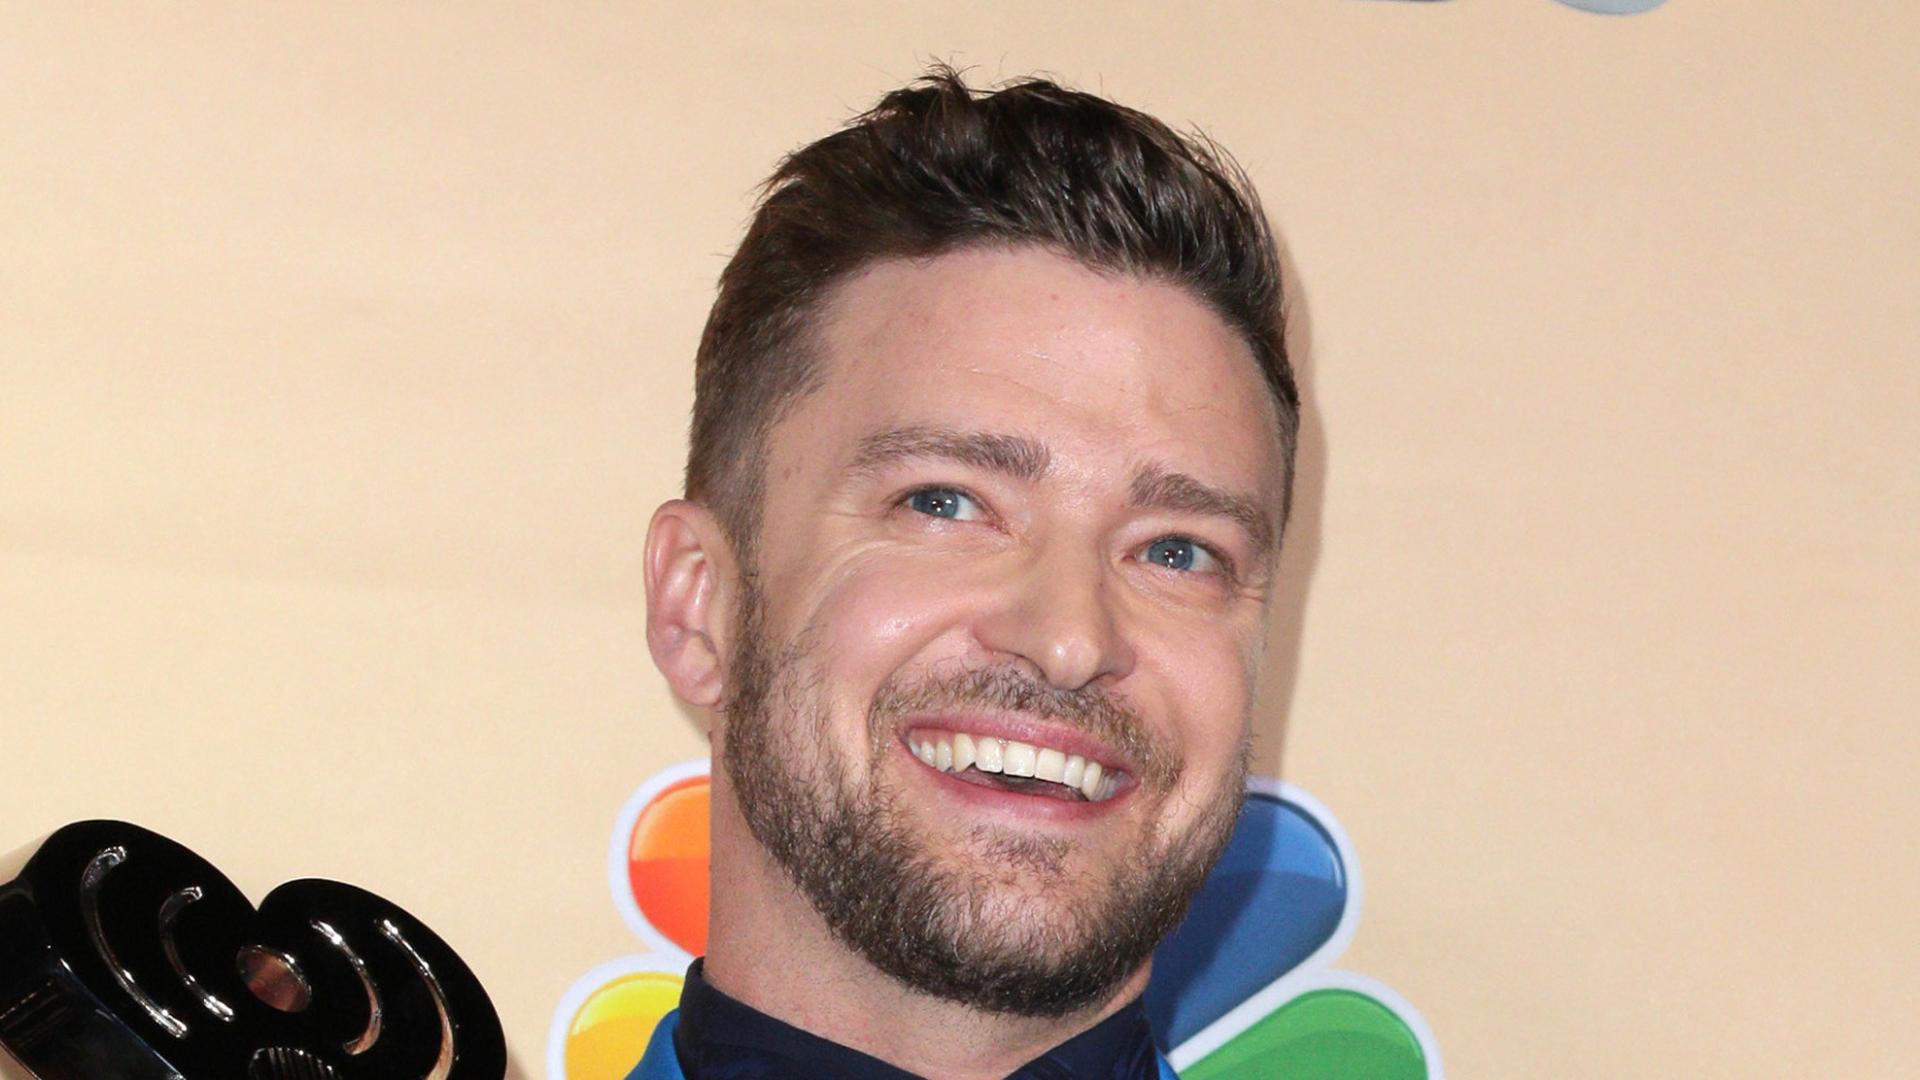 Justin Timberlake High Definition